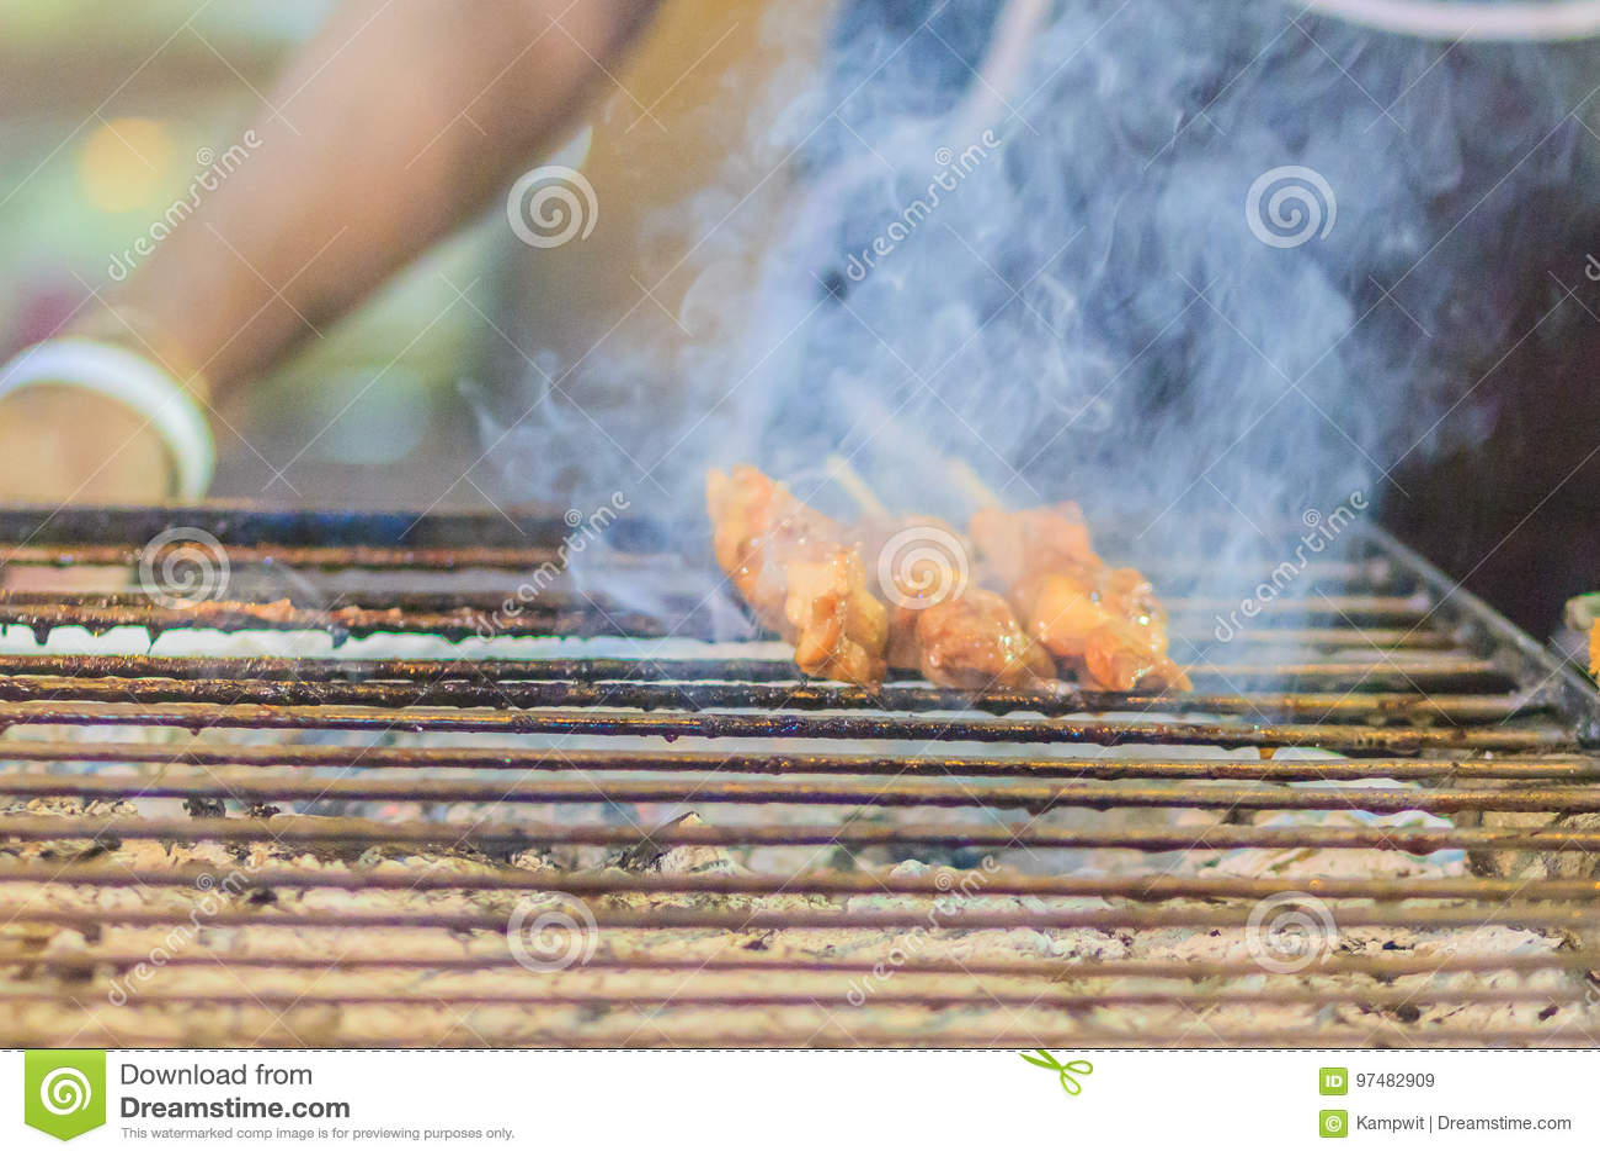 Chiuda sul venditore che griglia la carne di maiale satay nel fumo, bistecca tailandese